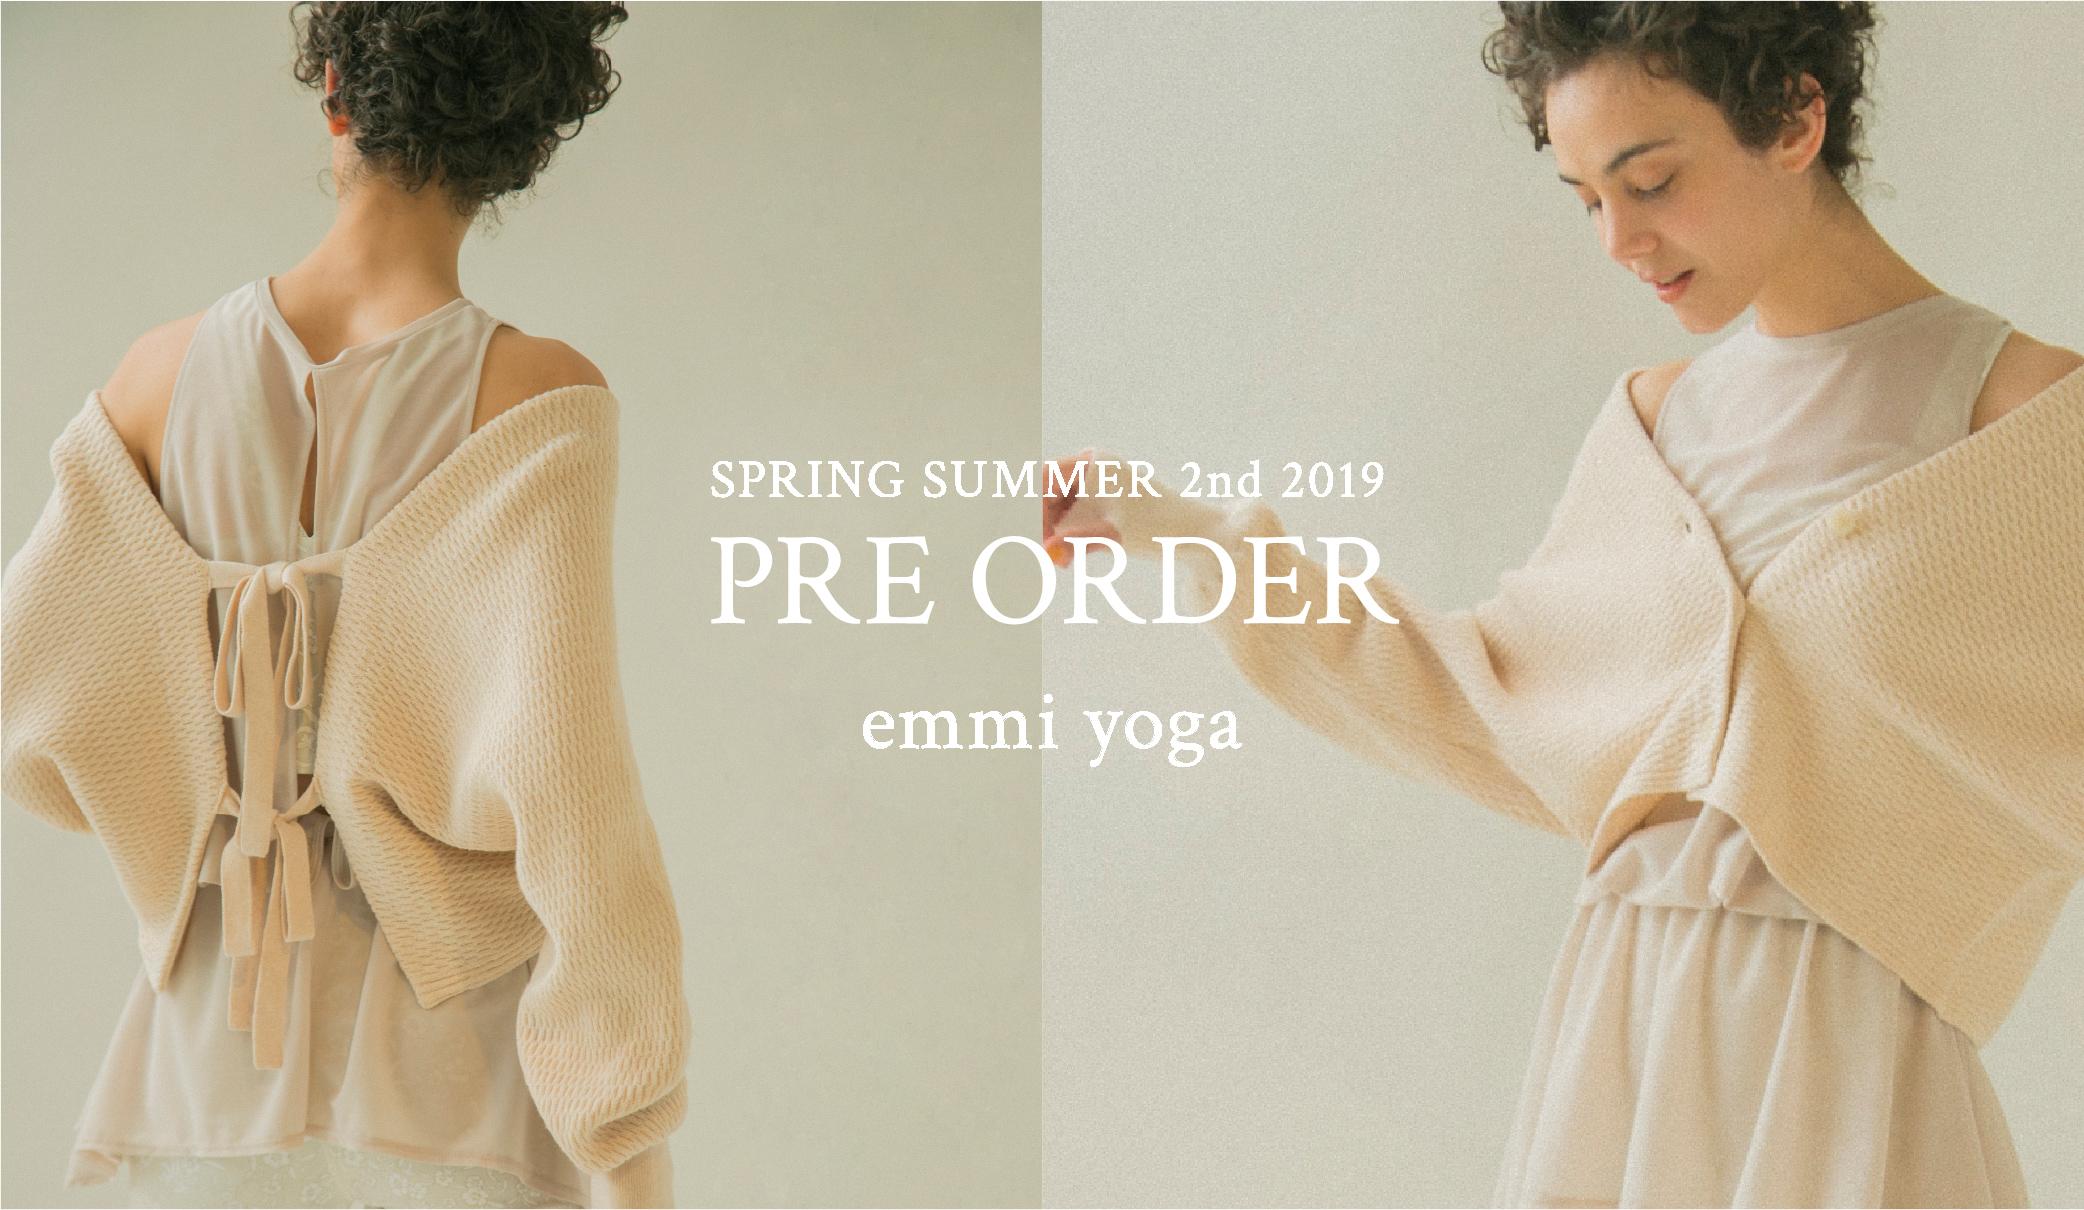 emmi SPRING SUMMER 2nd 2019 PRE ORDER emmi yoga